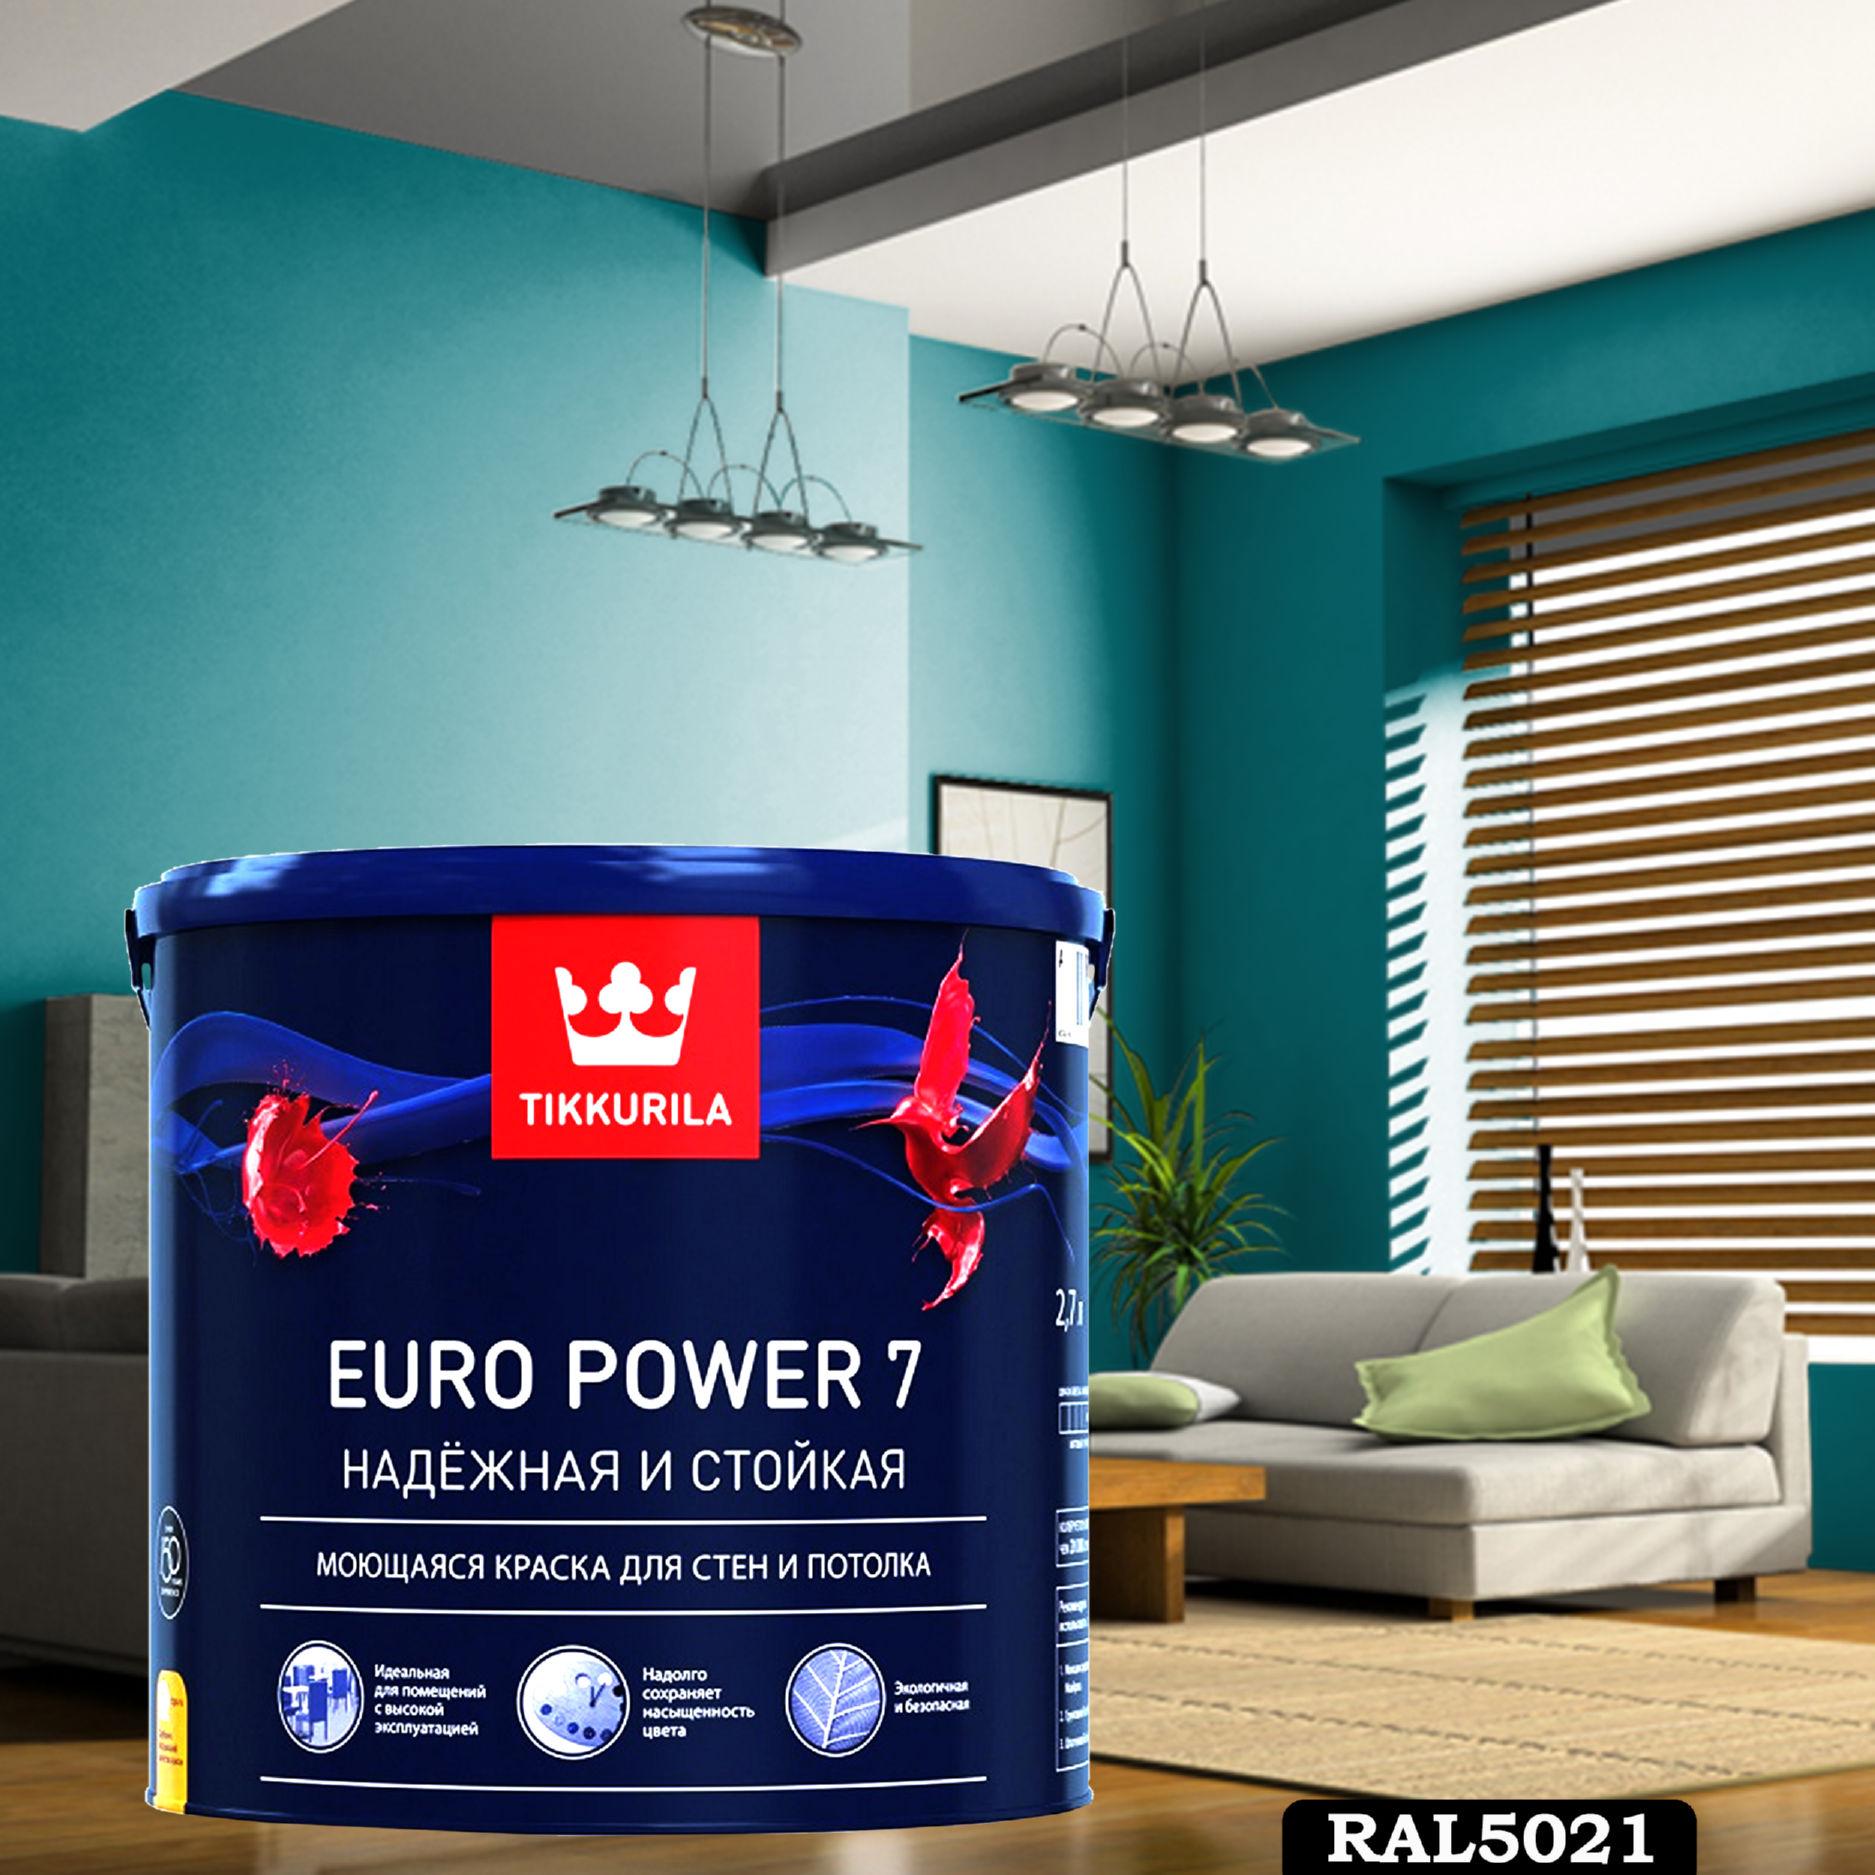 Фото 20 - Краска TIKKURILA Euro Power 7,  RAL 5021 Водянисто-синий, латексная моющаяся матовая интерьерная, 9 л.